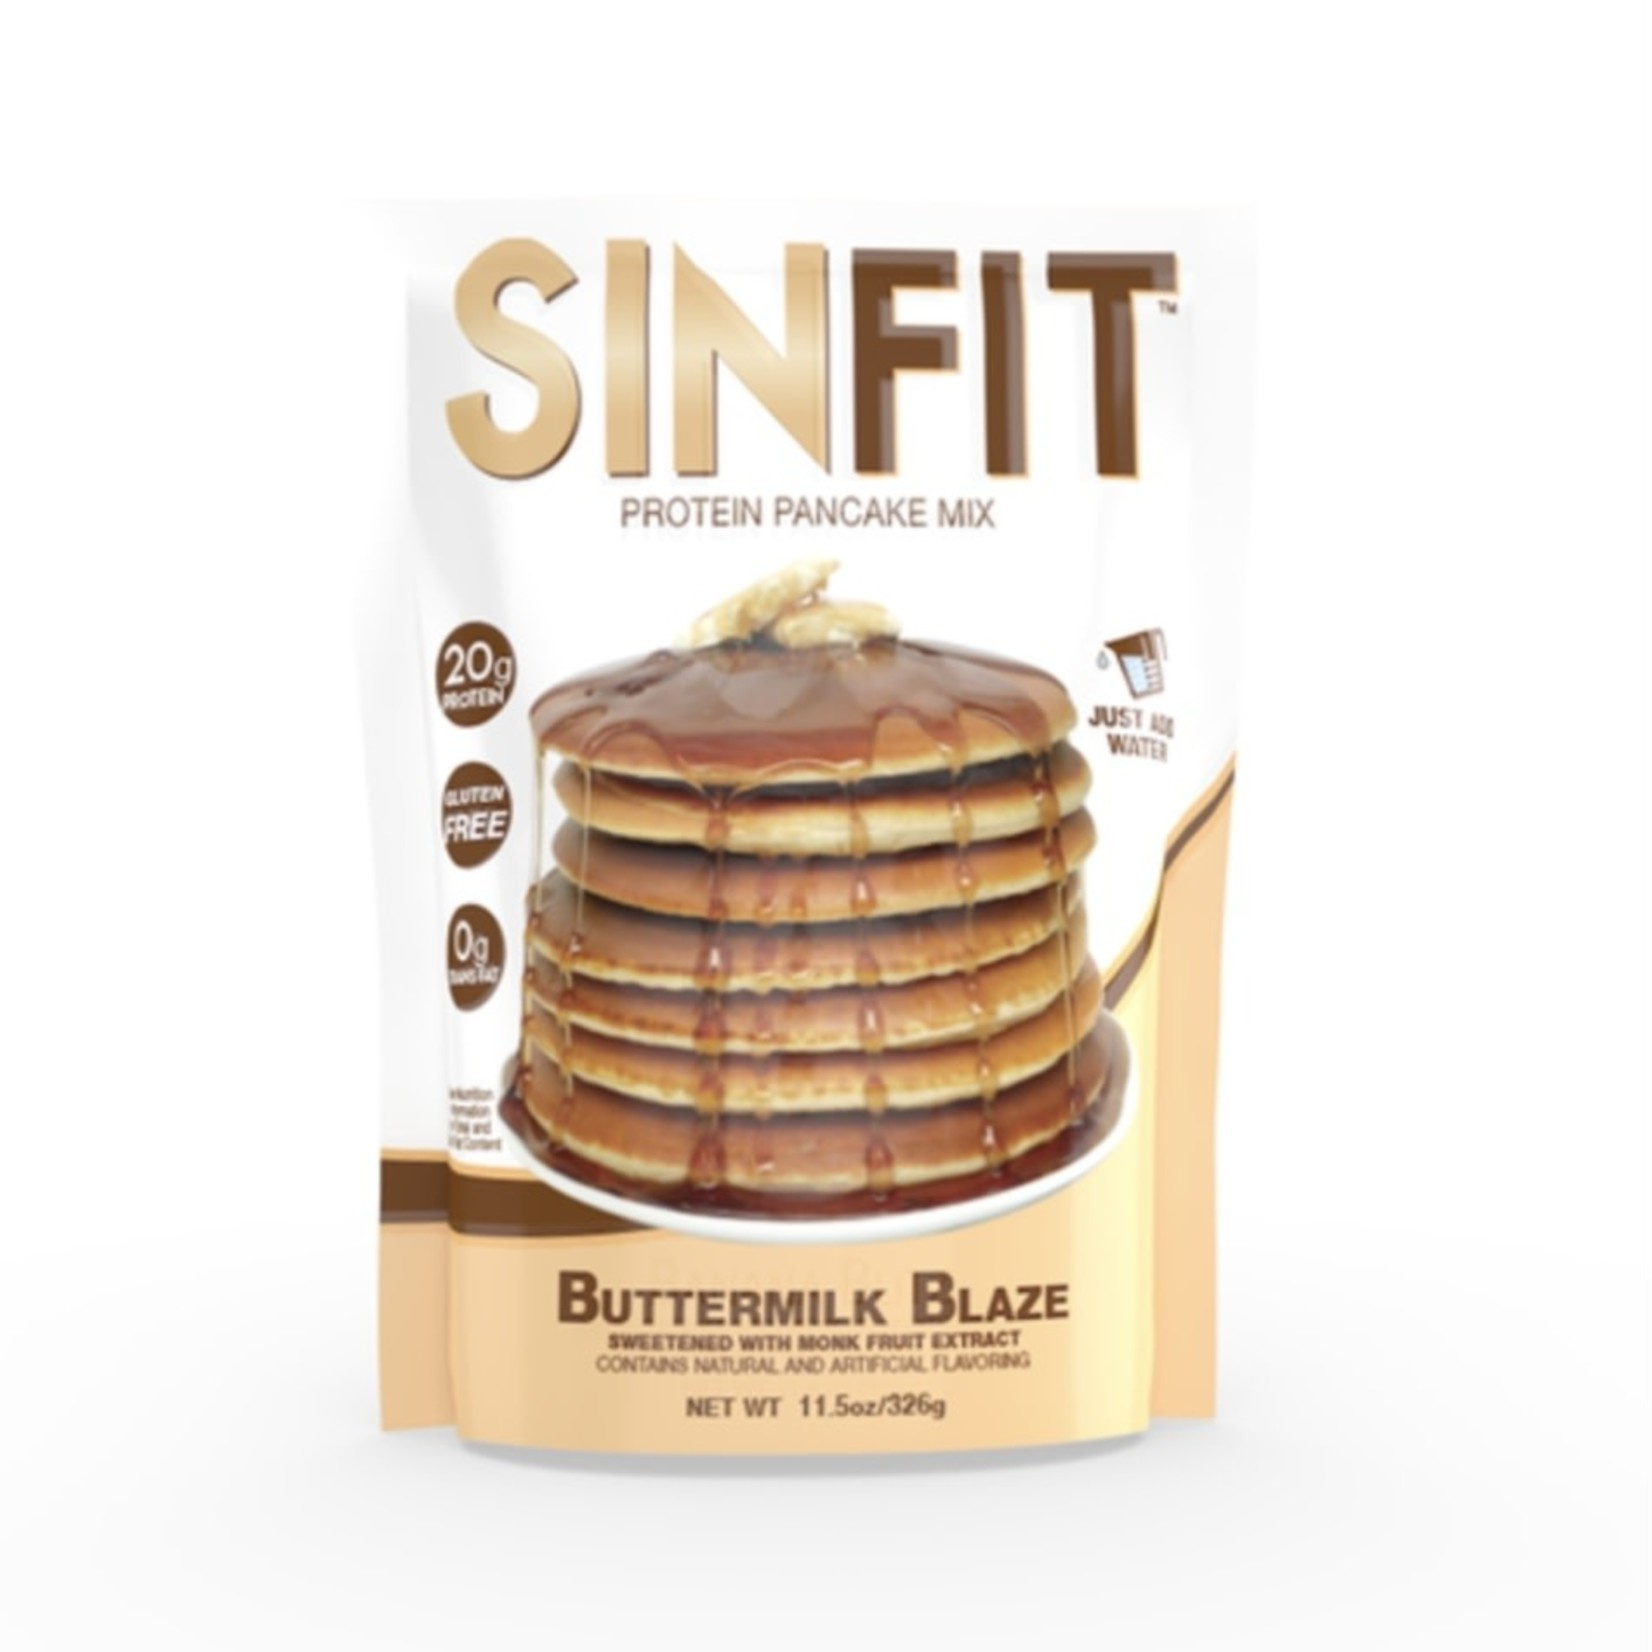 SINFIT SINFIT Buttermilk Blaze Protein Pancake Mix